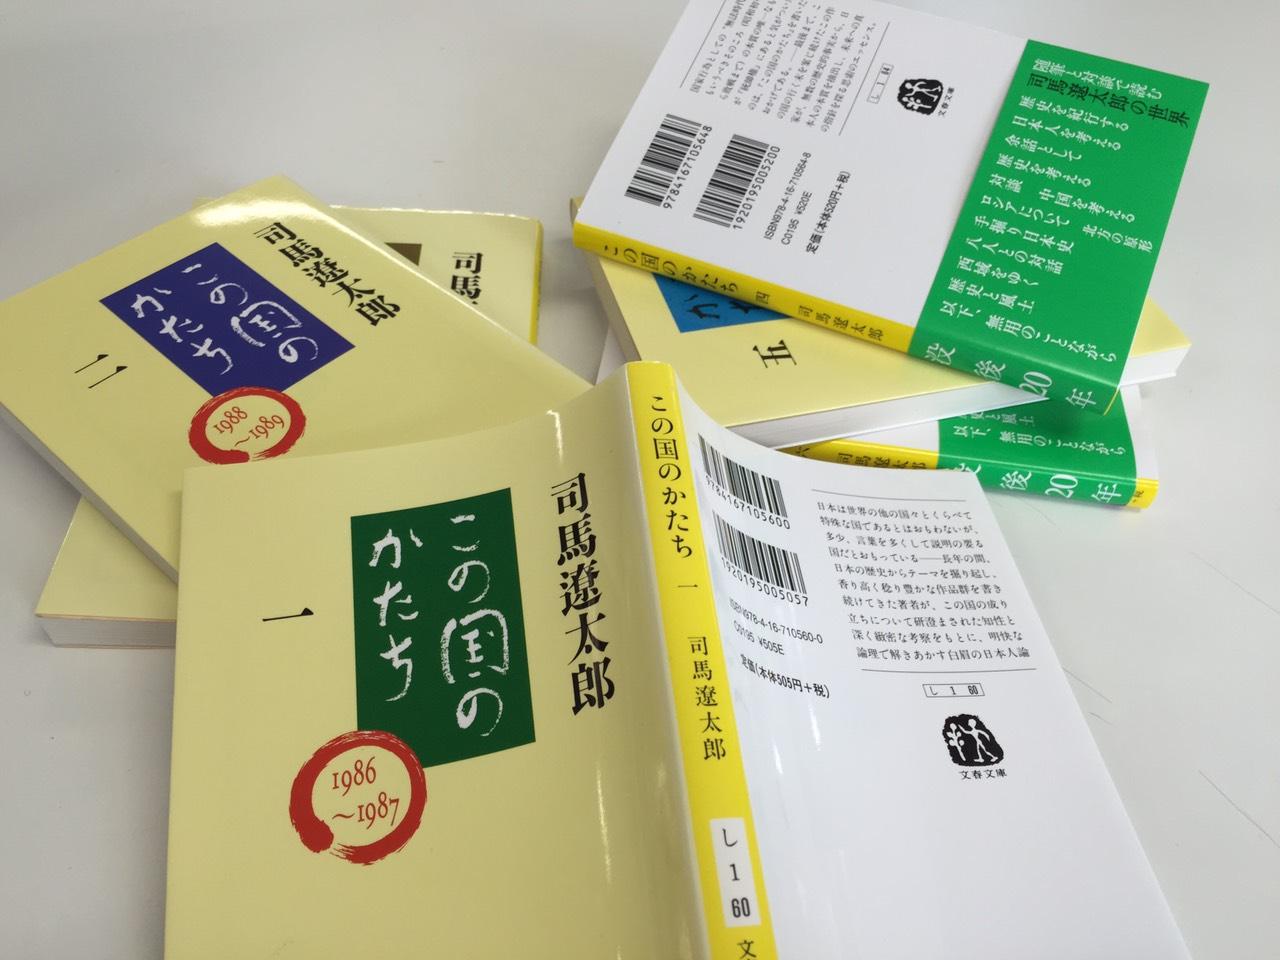 【日本のすがた①】「日本人」を考え続けた司馬遼太郎の『この国のかたち』